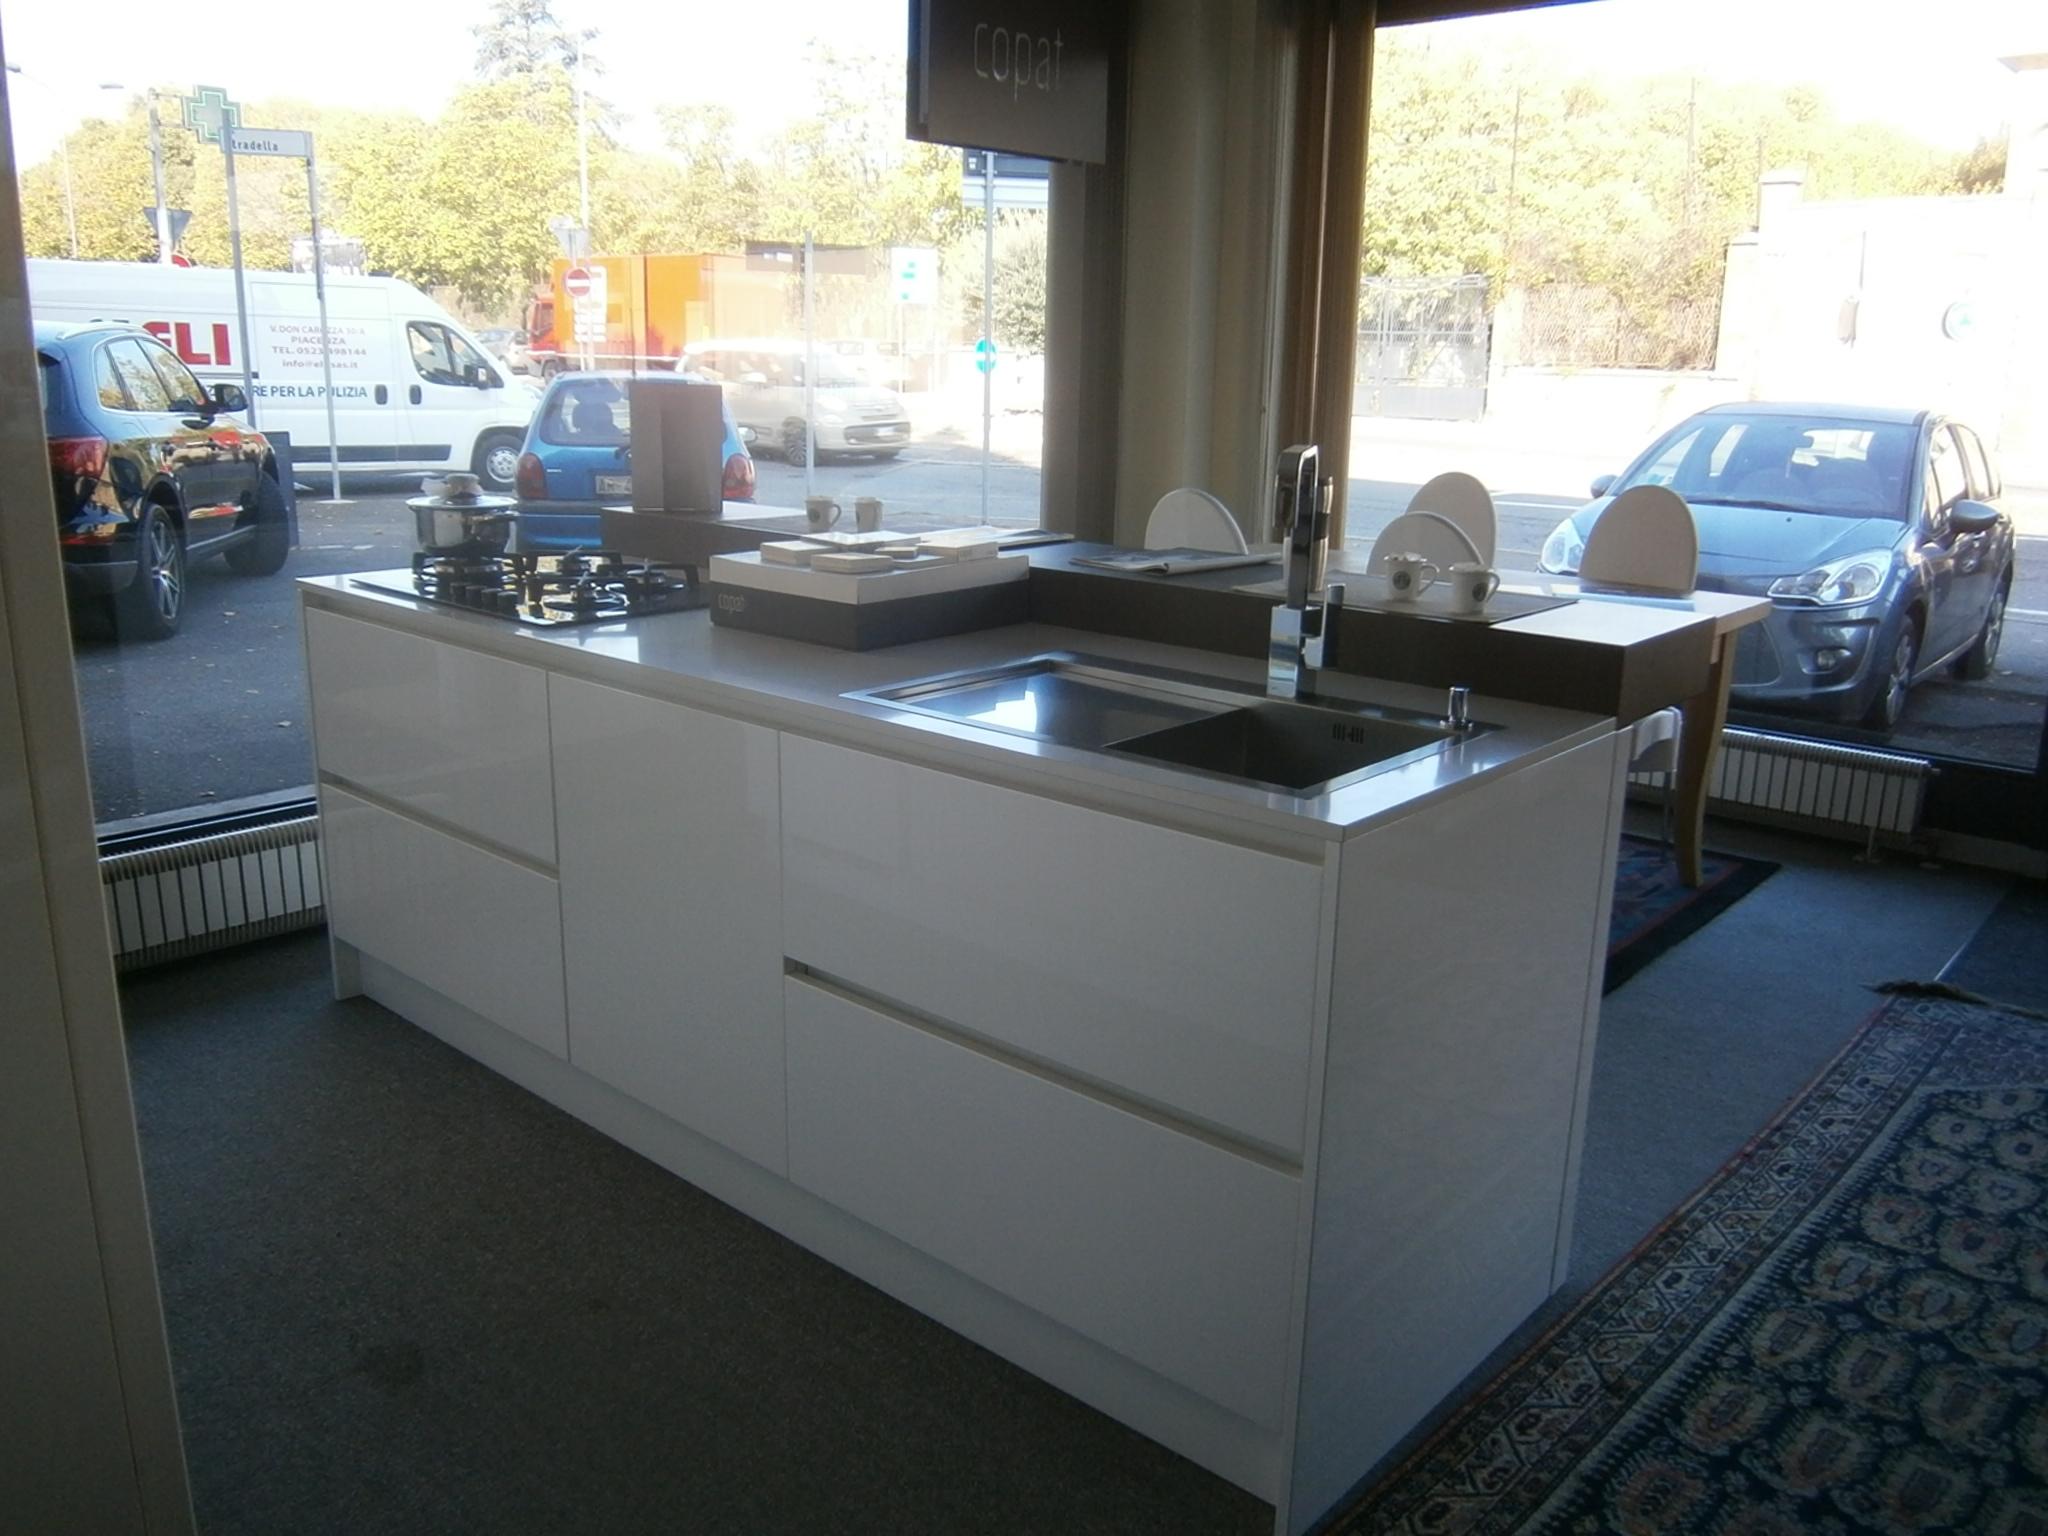 Copat cucina salina laccato bianco luciudo cucine a prezzi scontati - Cucina laccato bianco ...